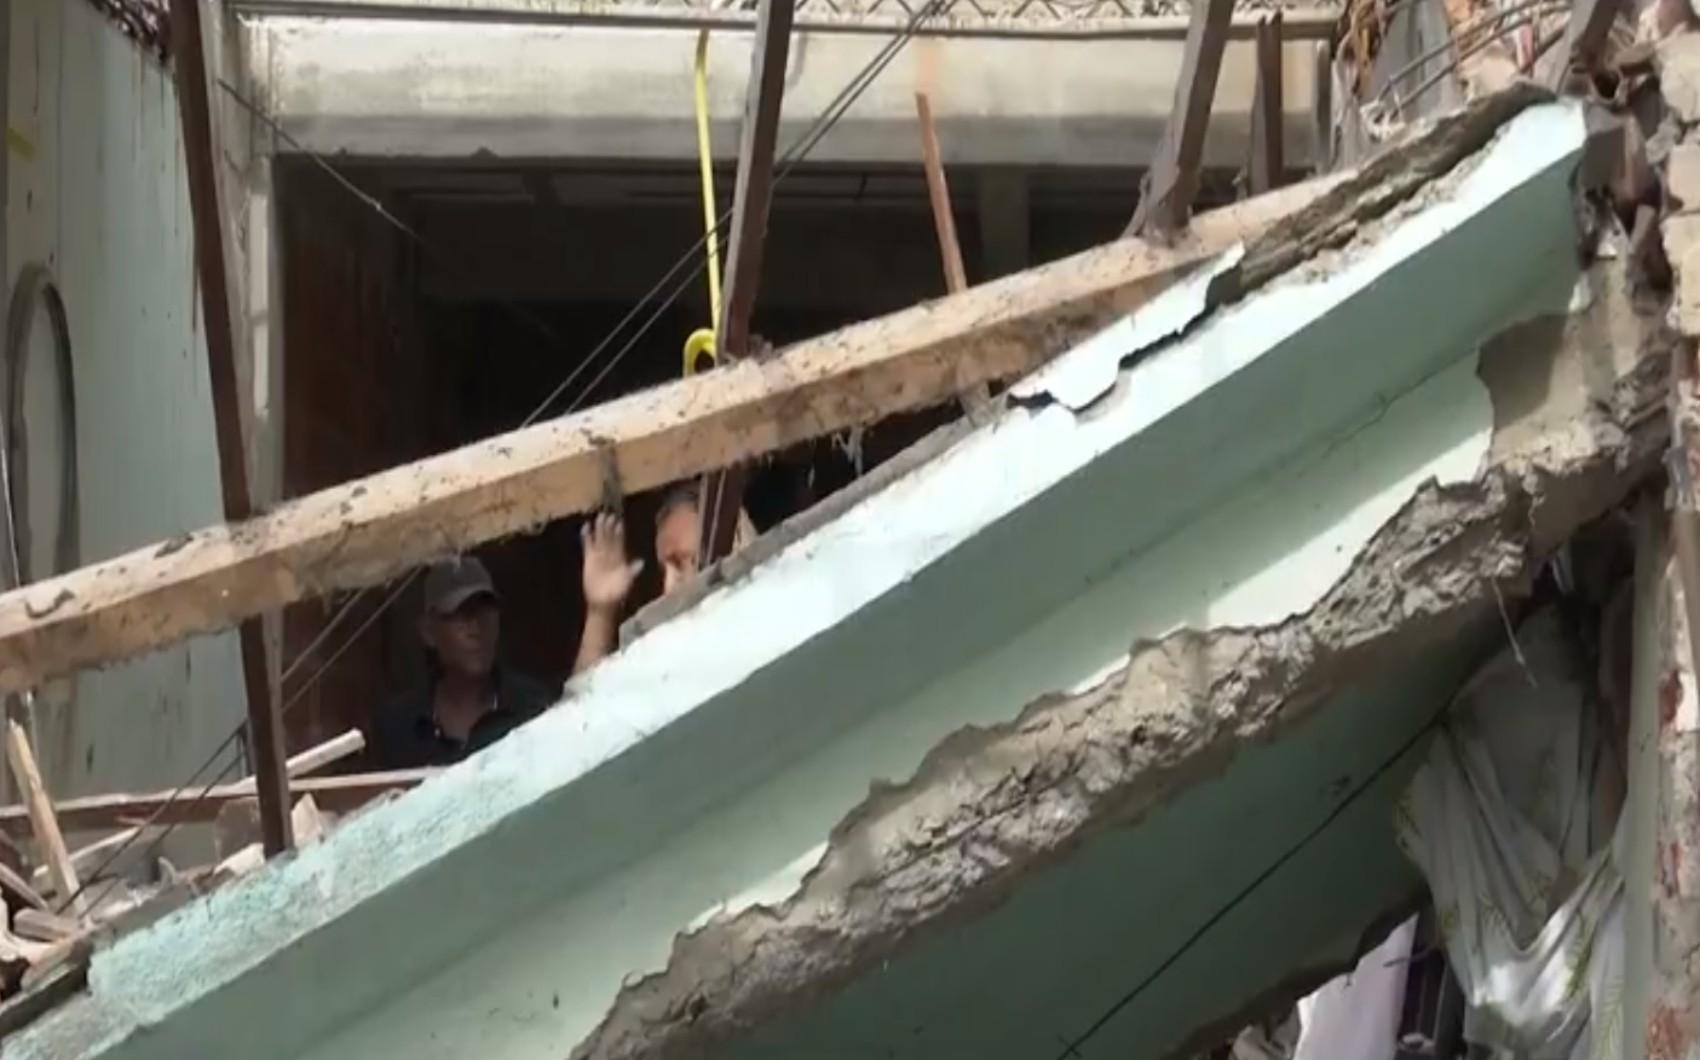 Homem fica sob escombros após estrutura do telhado de imóvel desabar em Itabuna, no sul da Bahia